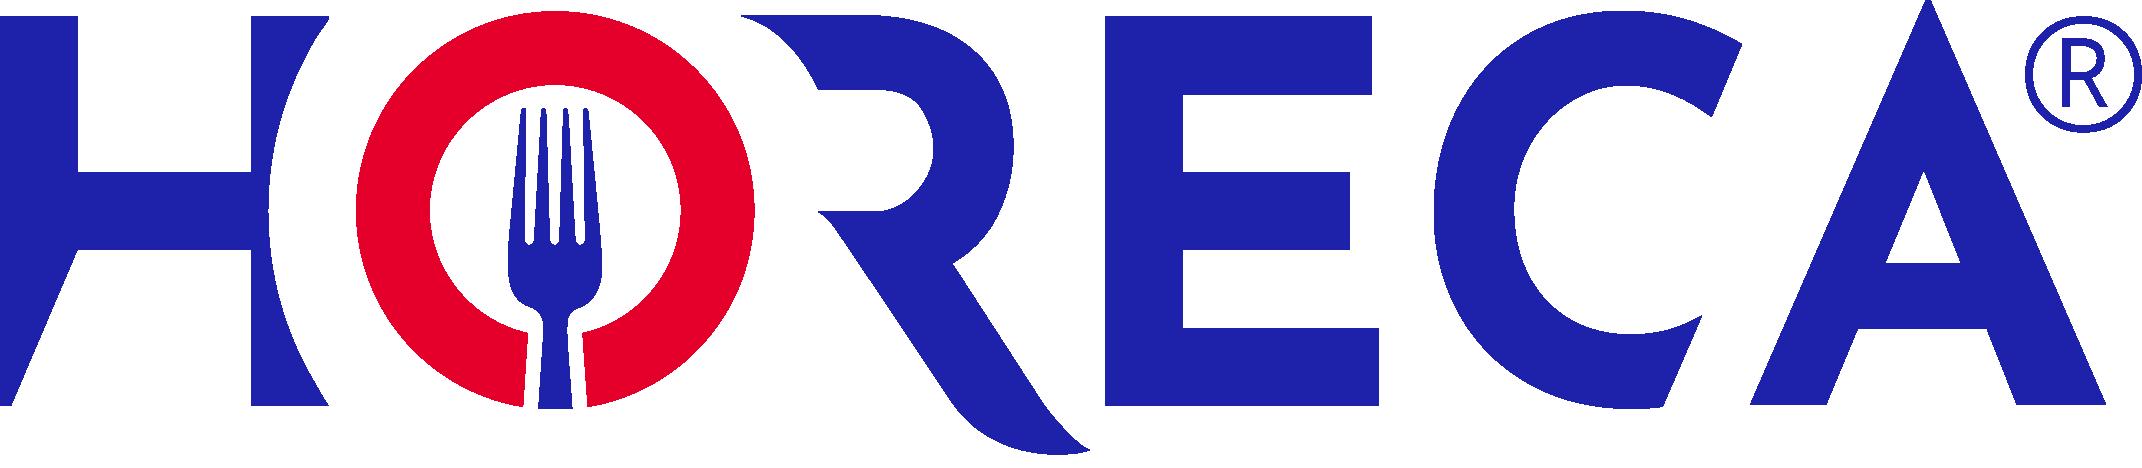 horeca.com.mx